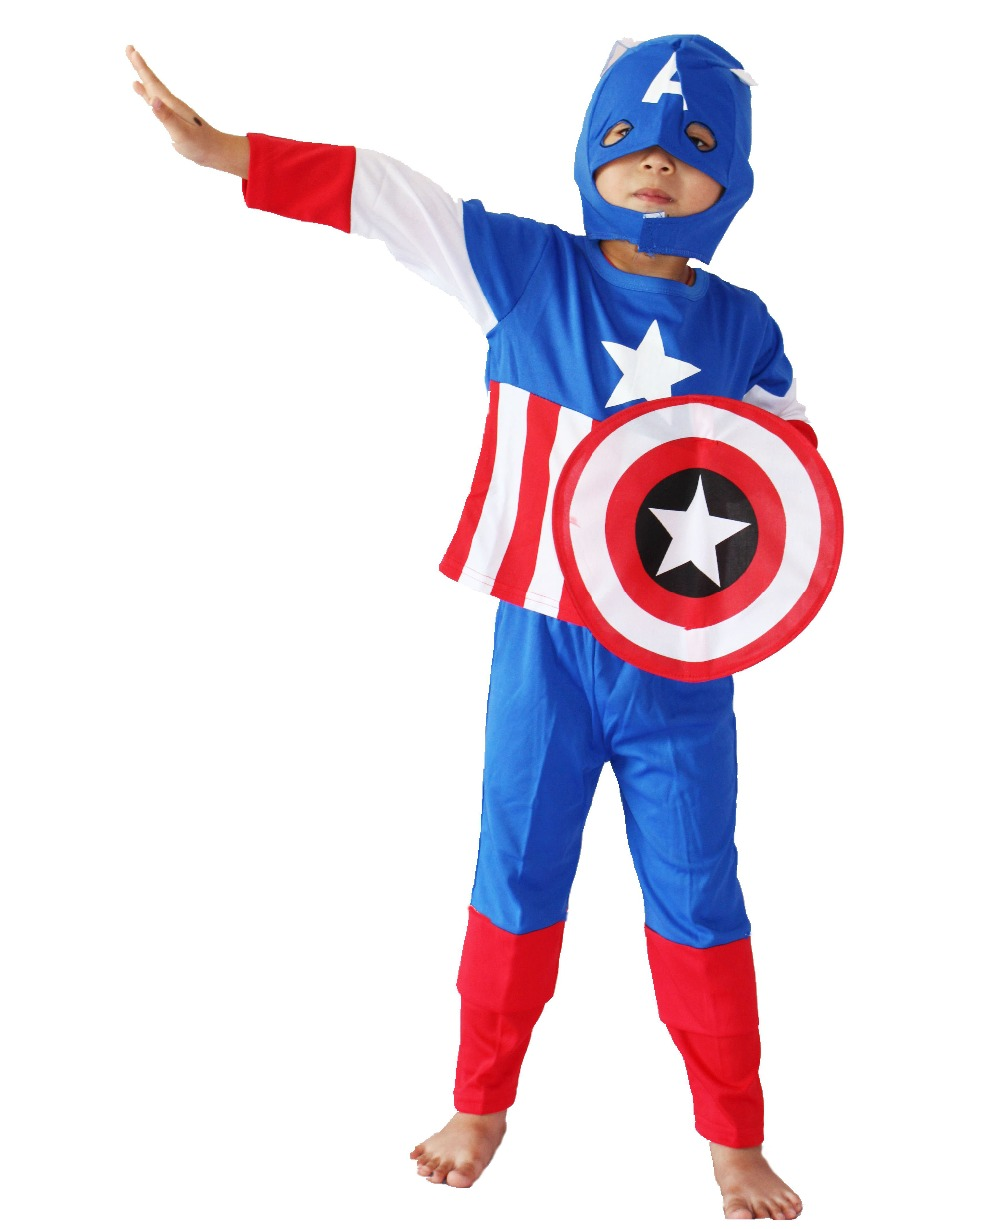 Velkoobchod / maloobchod 3 - 7 let Halloween Party kostýmy Dětský model oblečení, dítě Captain America Role-playing oblečení Ghost